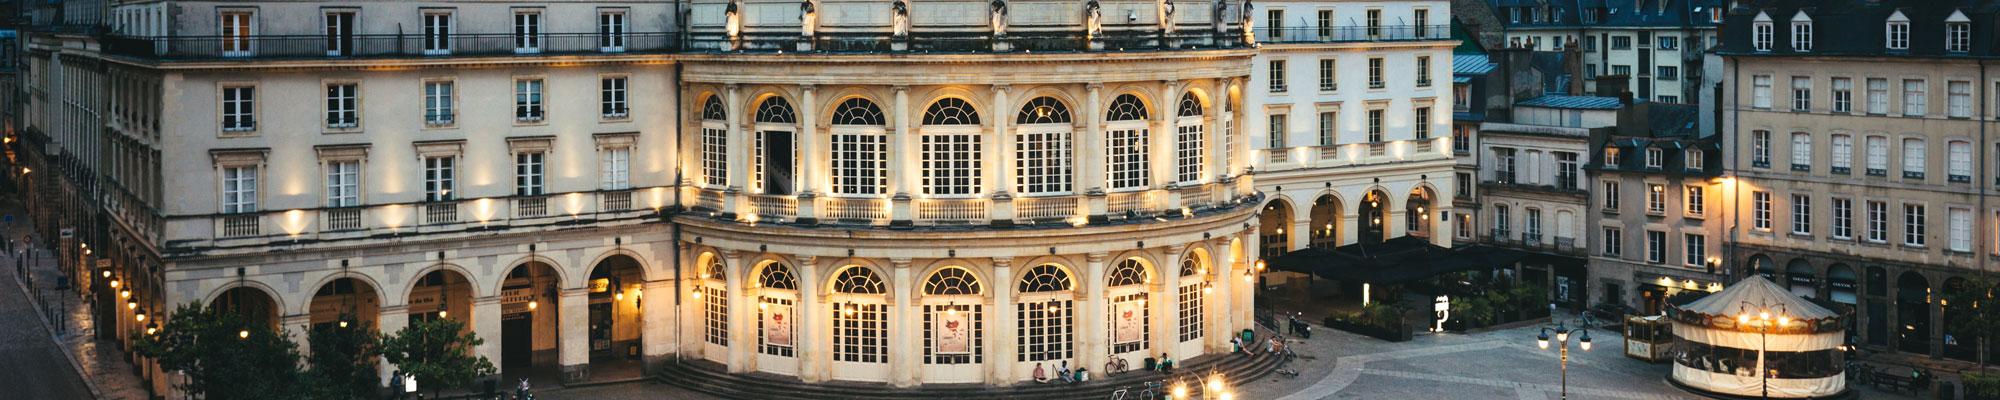 MBA à Rennes / Bac+5 en alternance